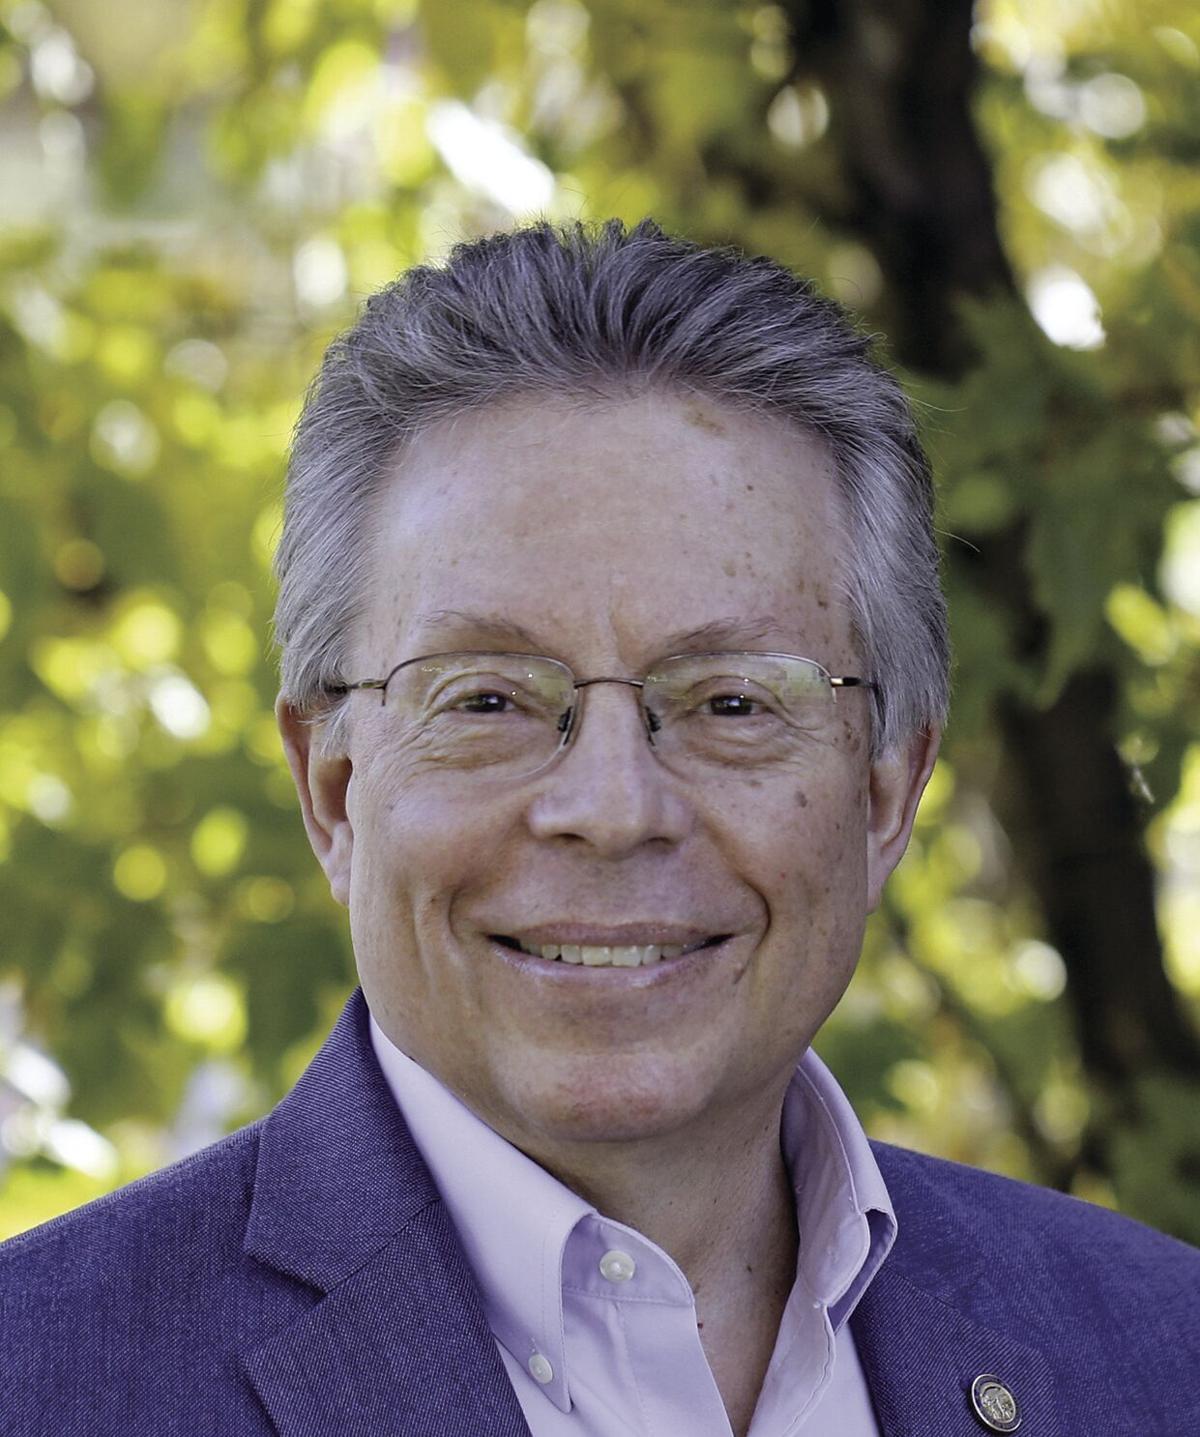 Steve Elkins